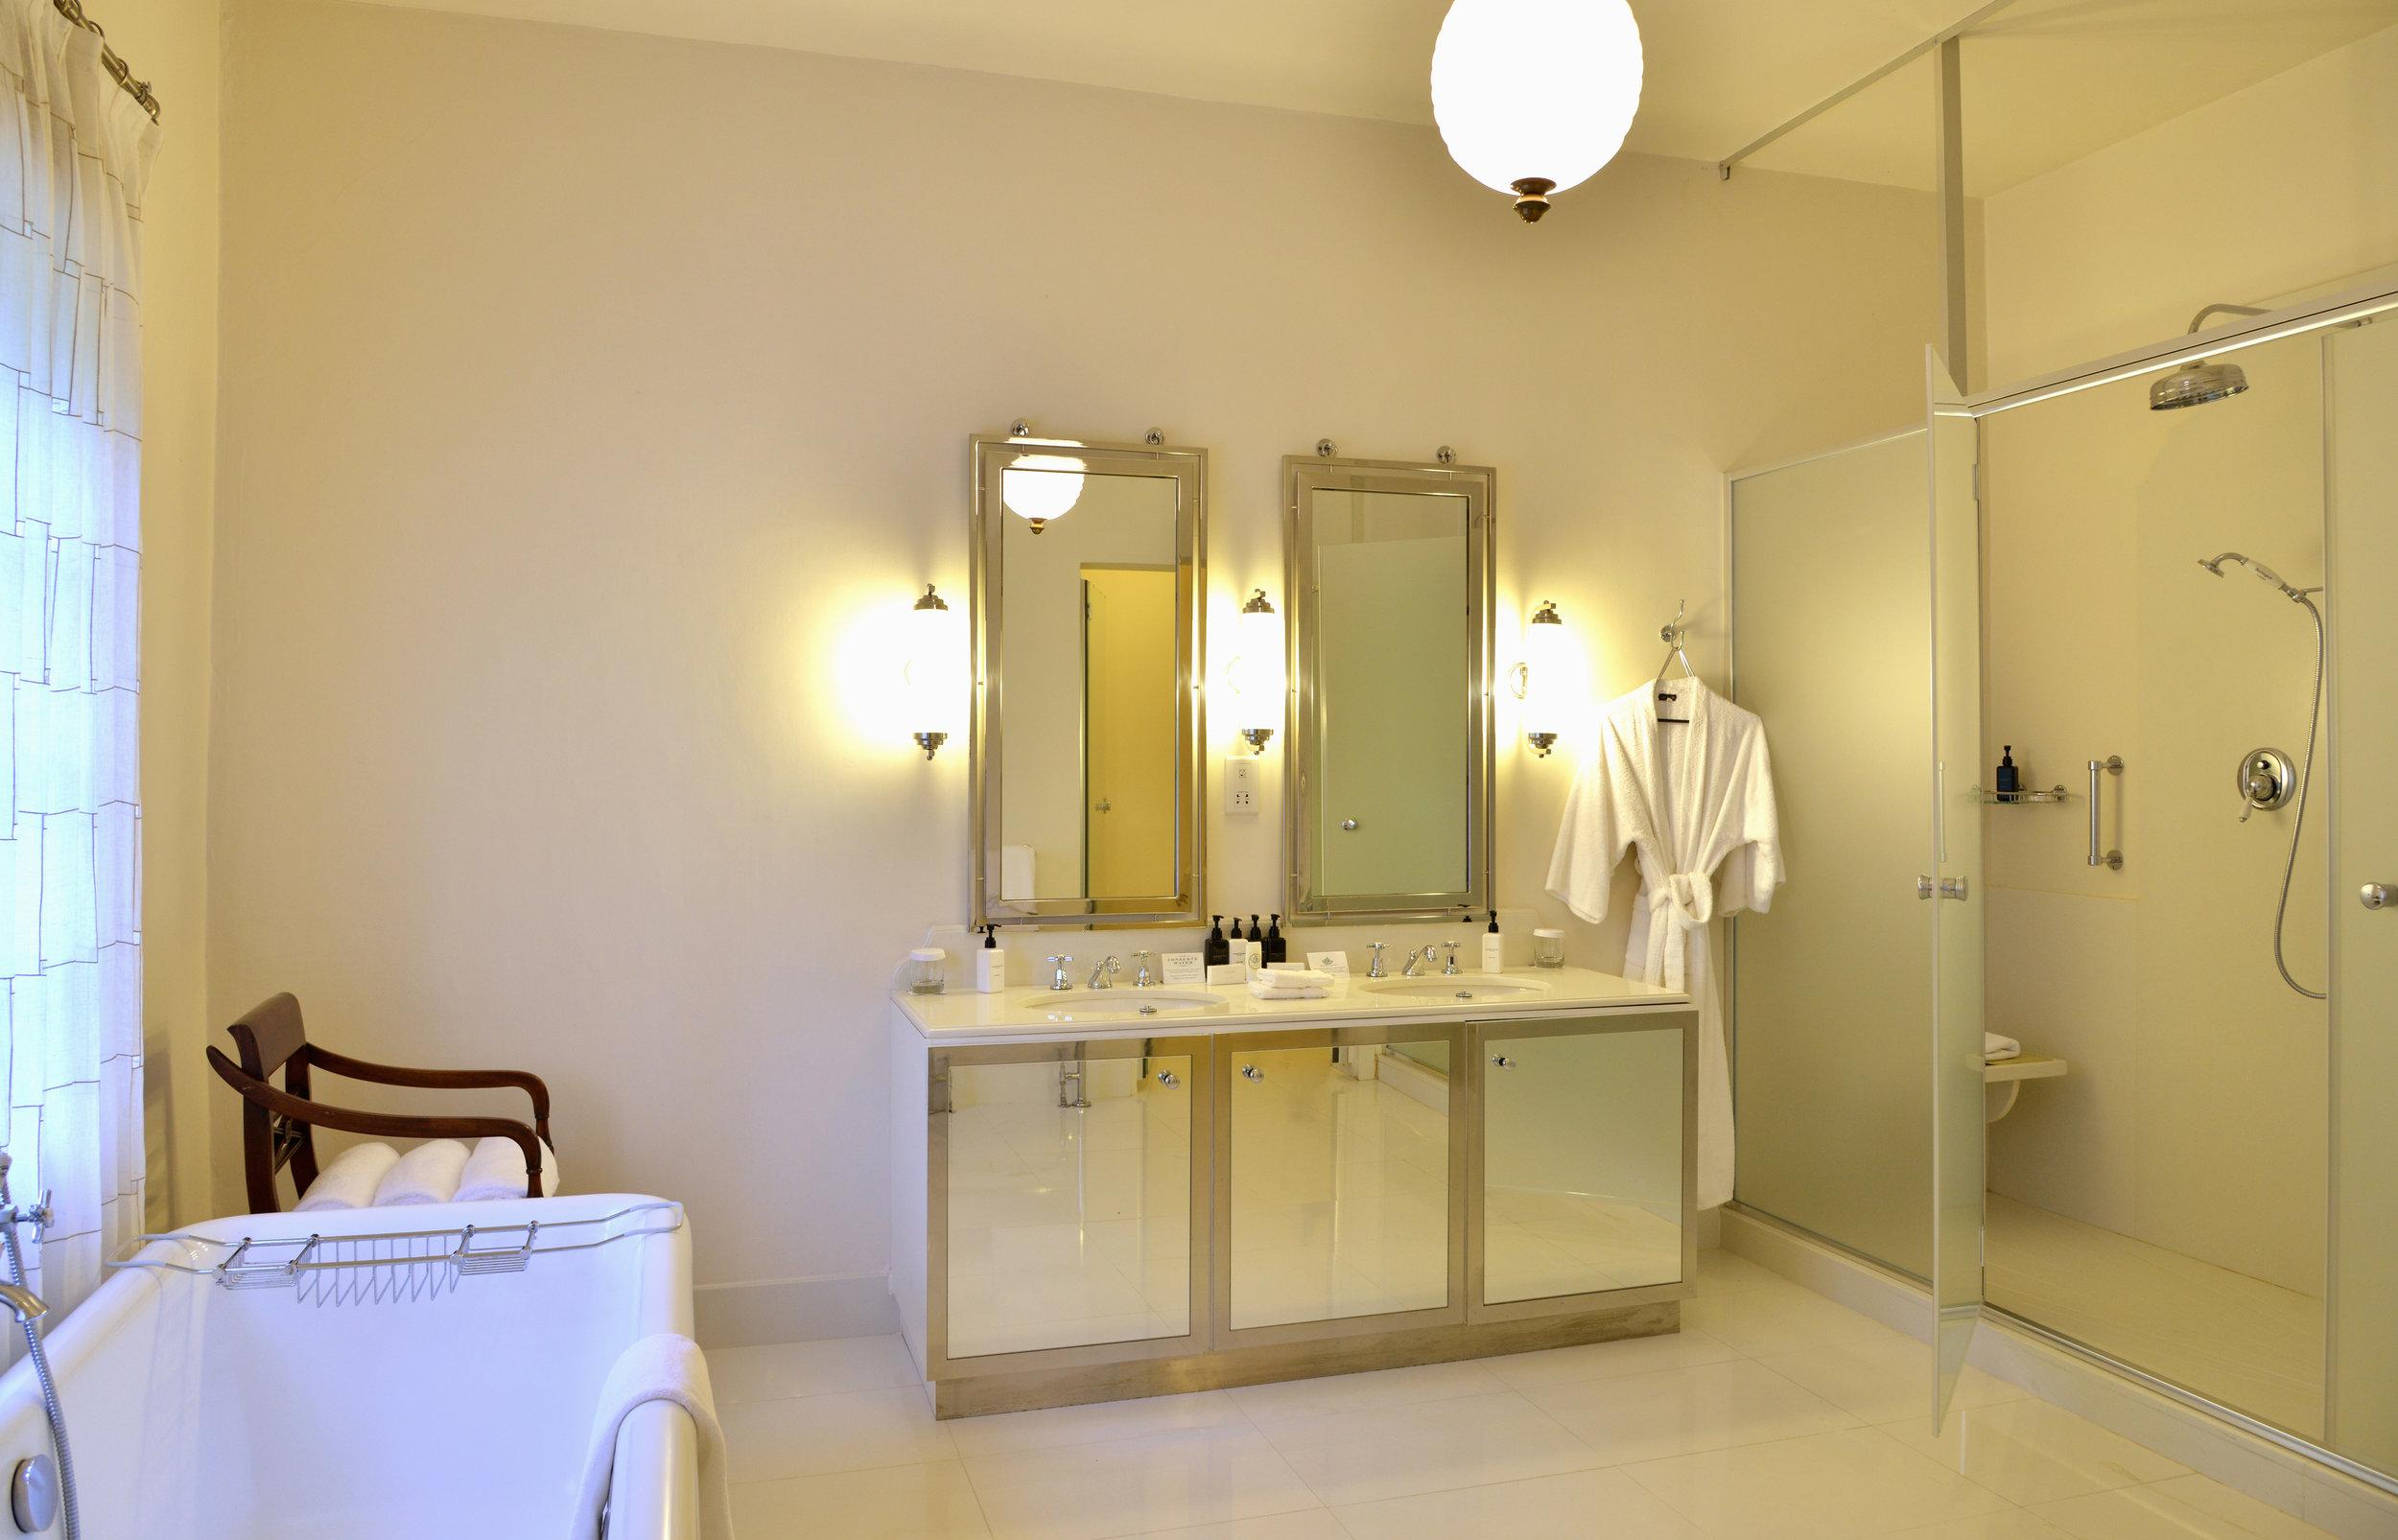 9-presidential-suite-bathroom1.jpg